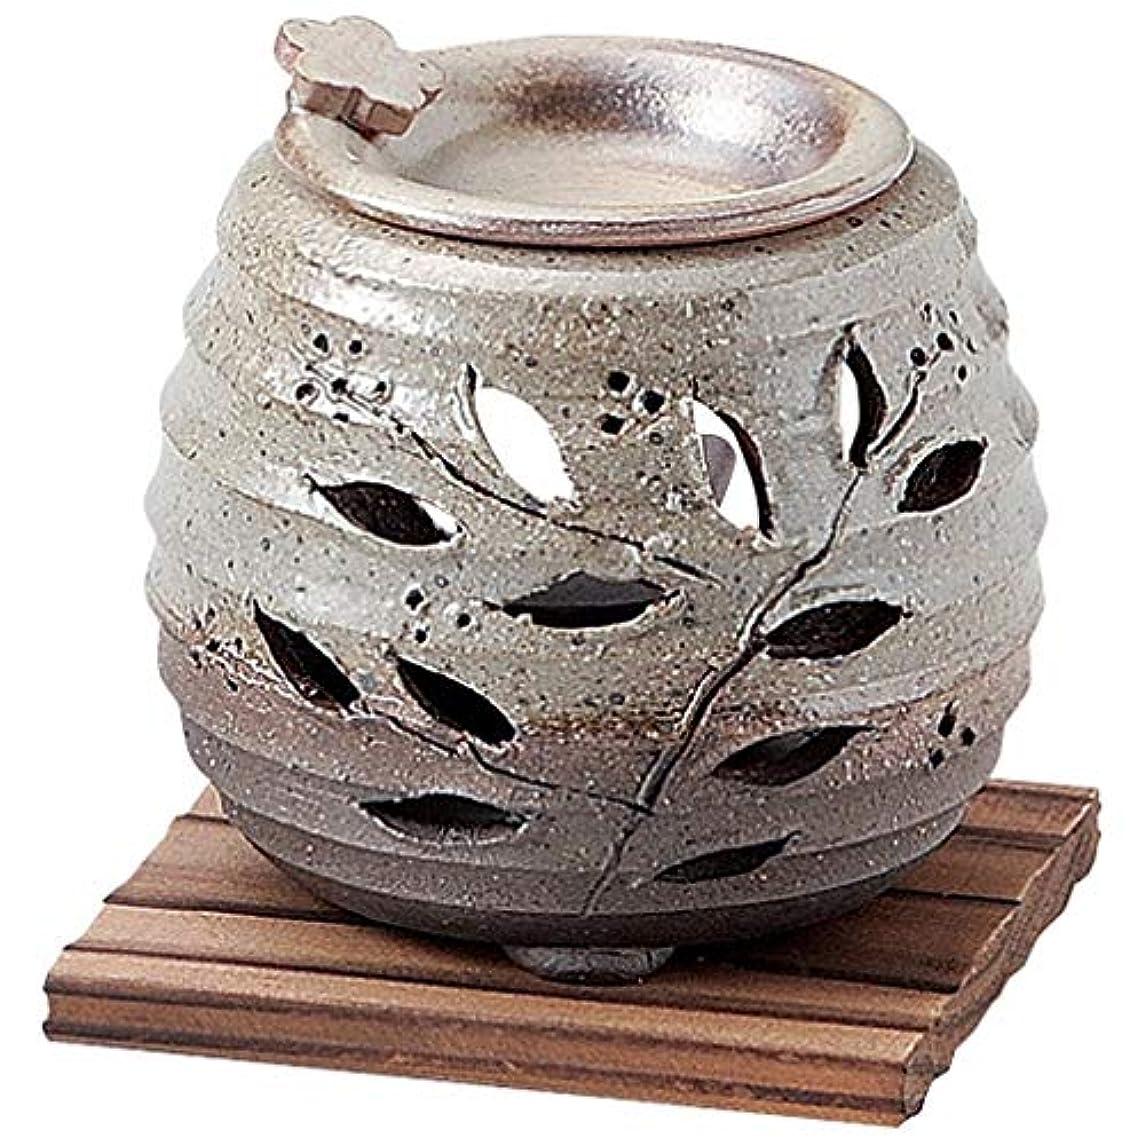 スキル反乱タービンお部屋の消臭に!■常滑焼【茶香炉】石龍作 緑灰釉花茶香炉(板付)